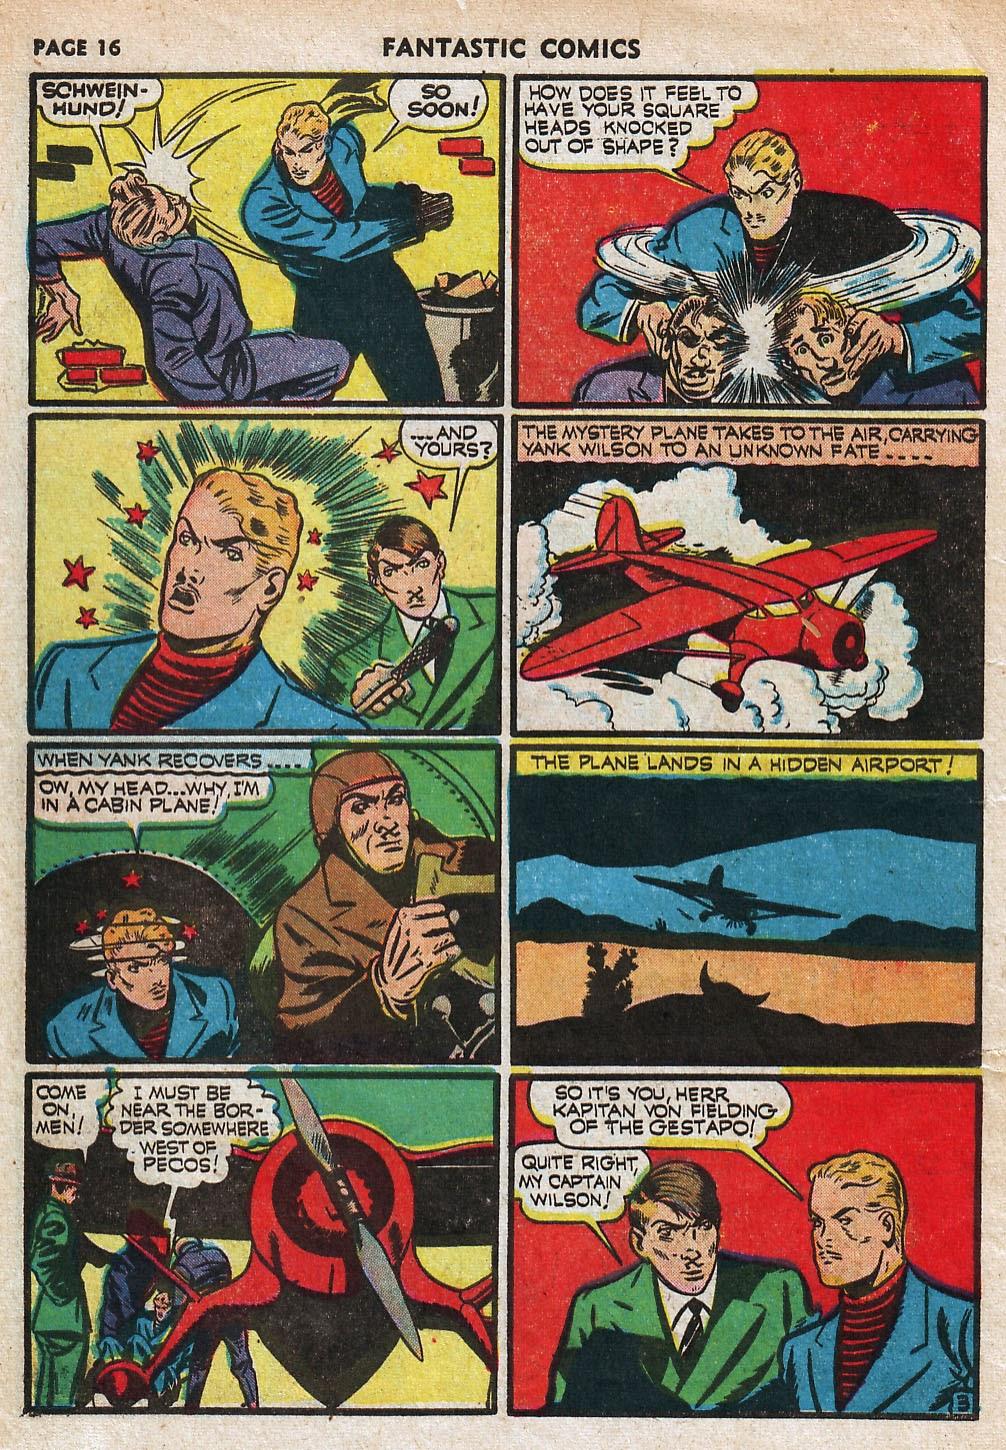 Read online Fantastic Comics comic -  Issue #18 - 18